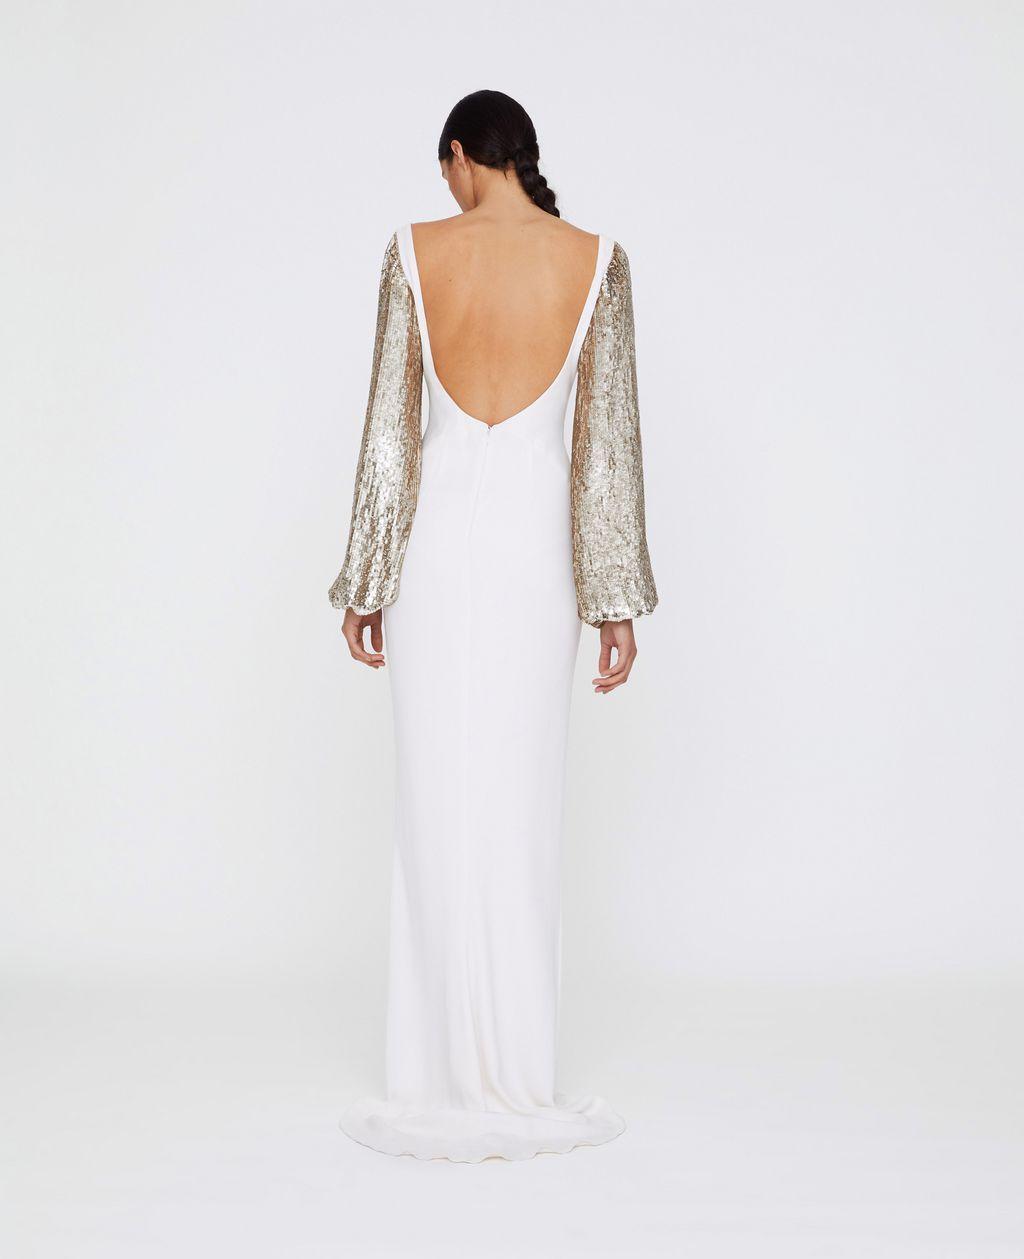 Women S White Oberon Dress Stella Mccartney Men Dresses Stella Mccartney White Evening Gowns [ 1259 x 1024 Pixel ]